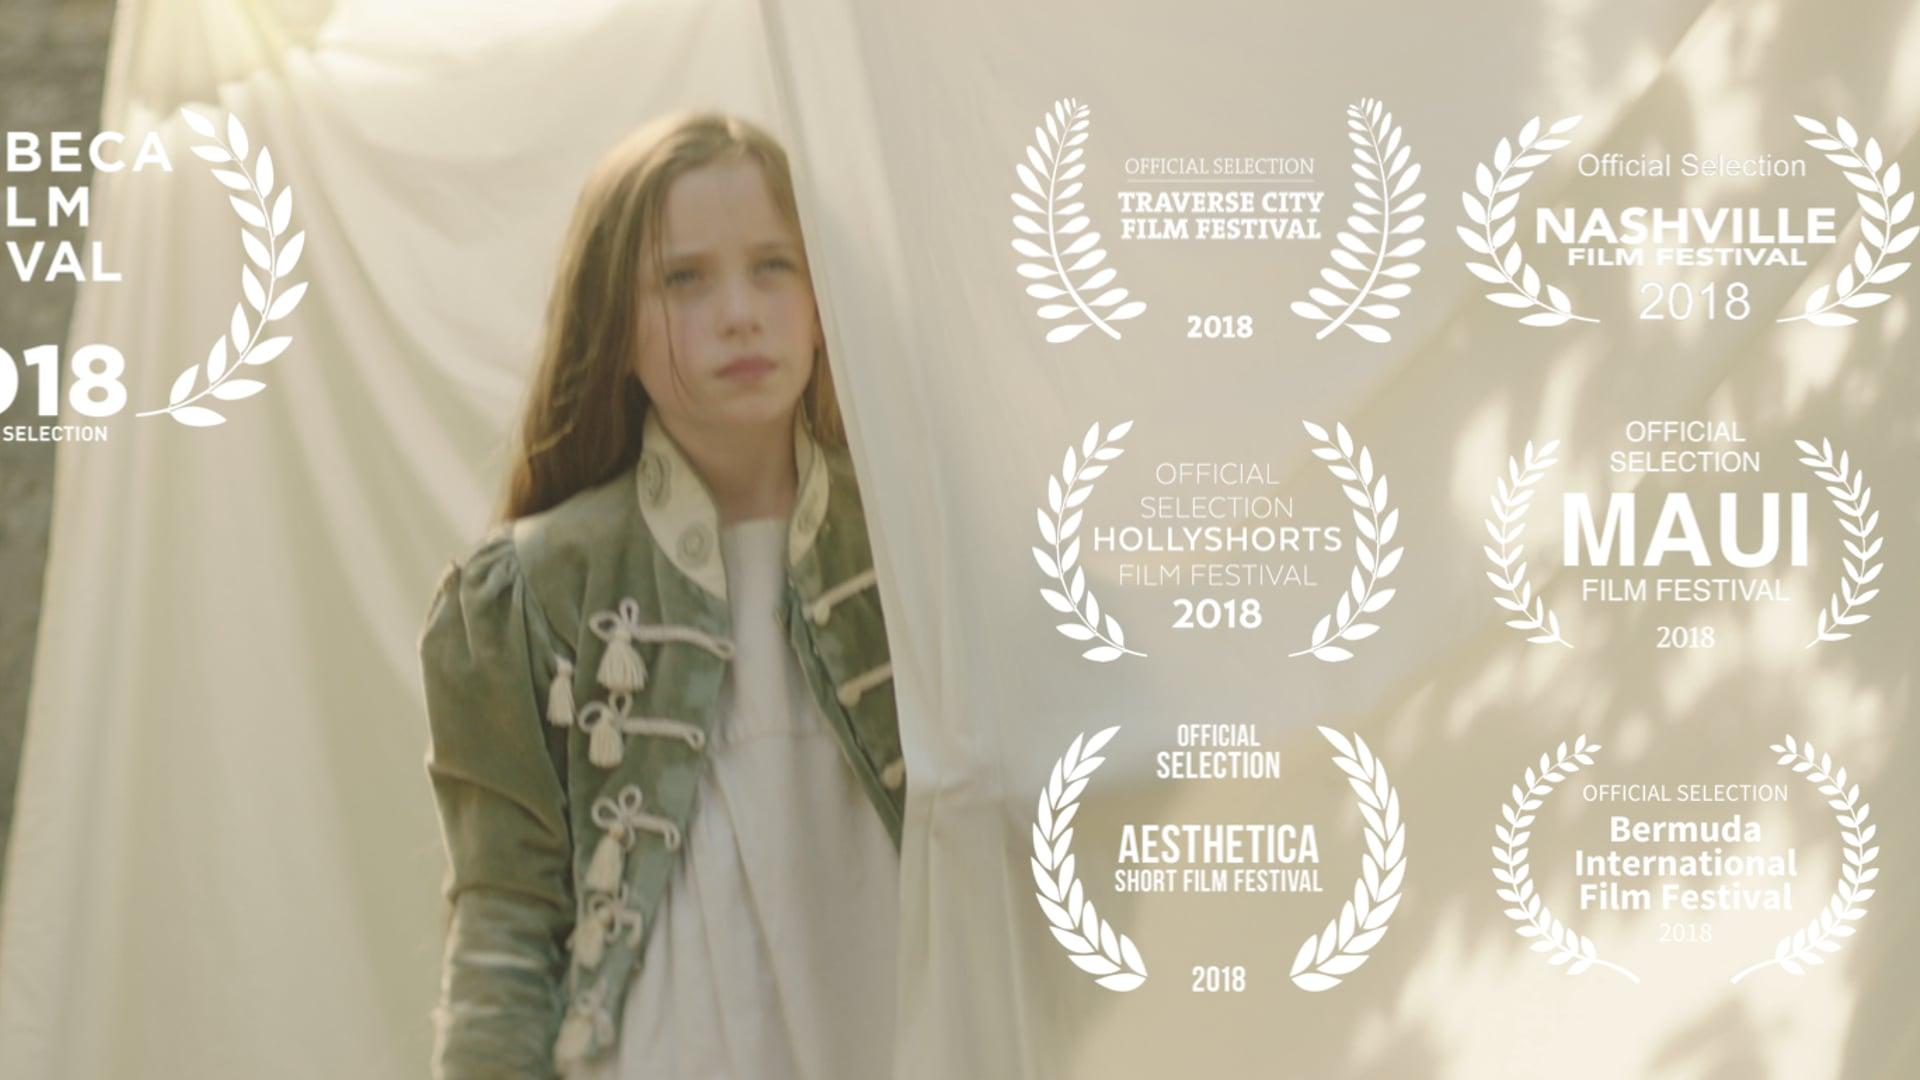 Mirette directed by Helen O'Hanlon